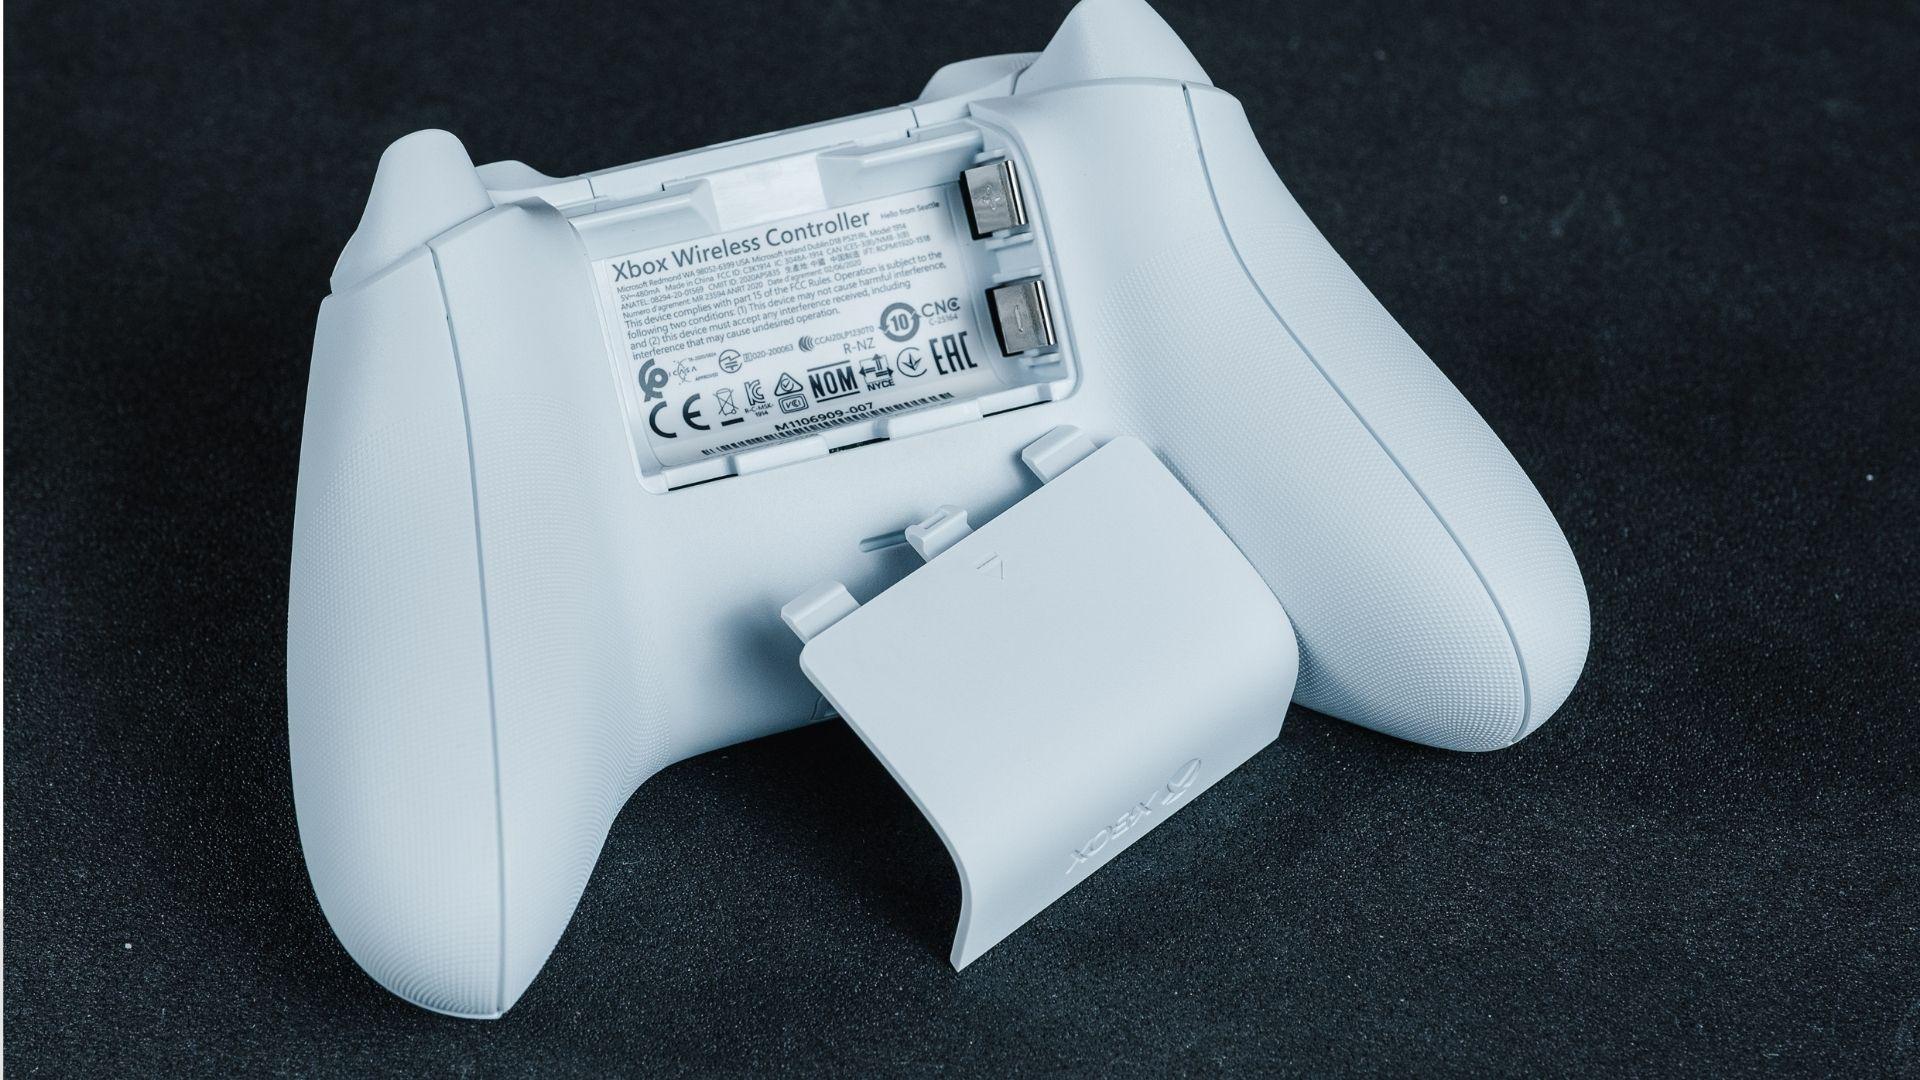 Parte de trás do controle xbox series x/s com compartimento de pilhas aberto